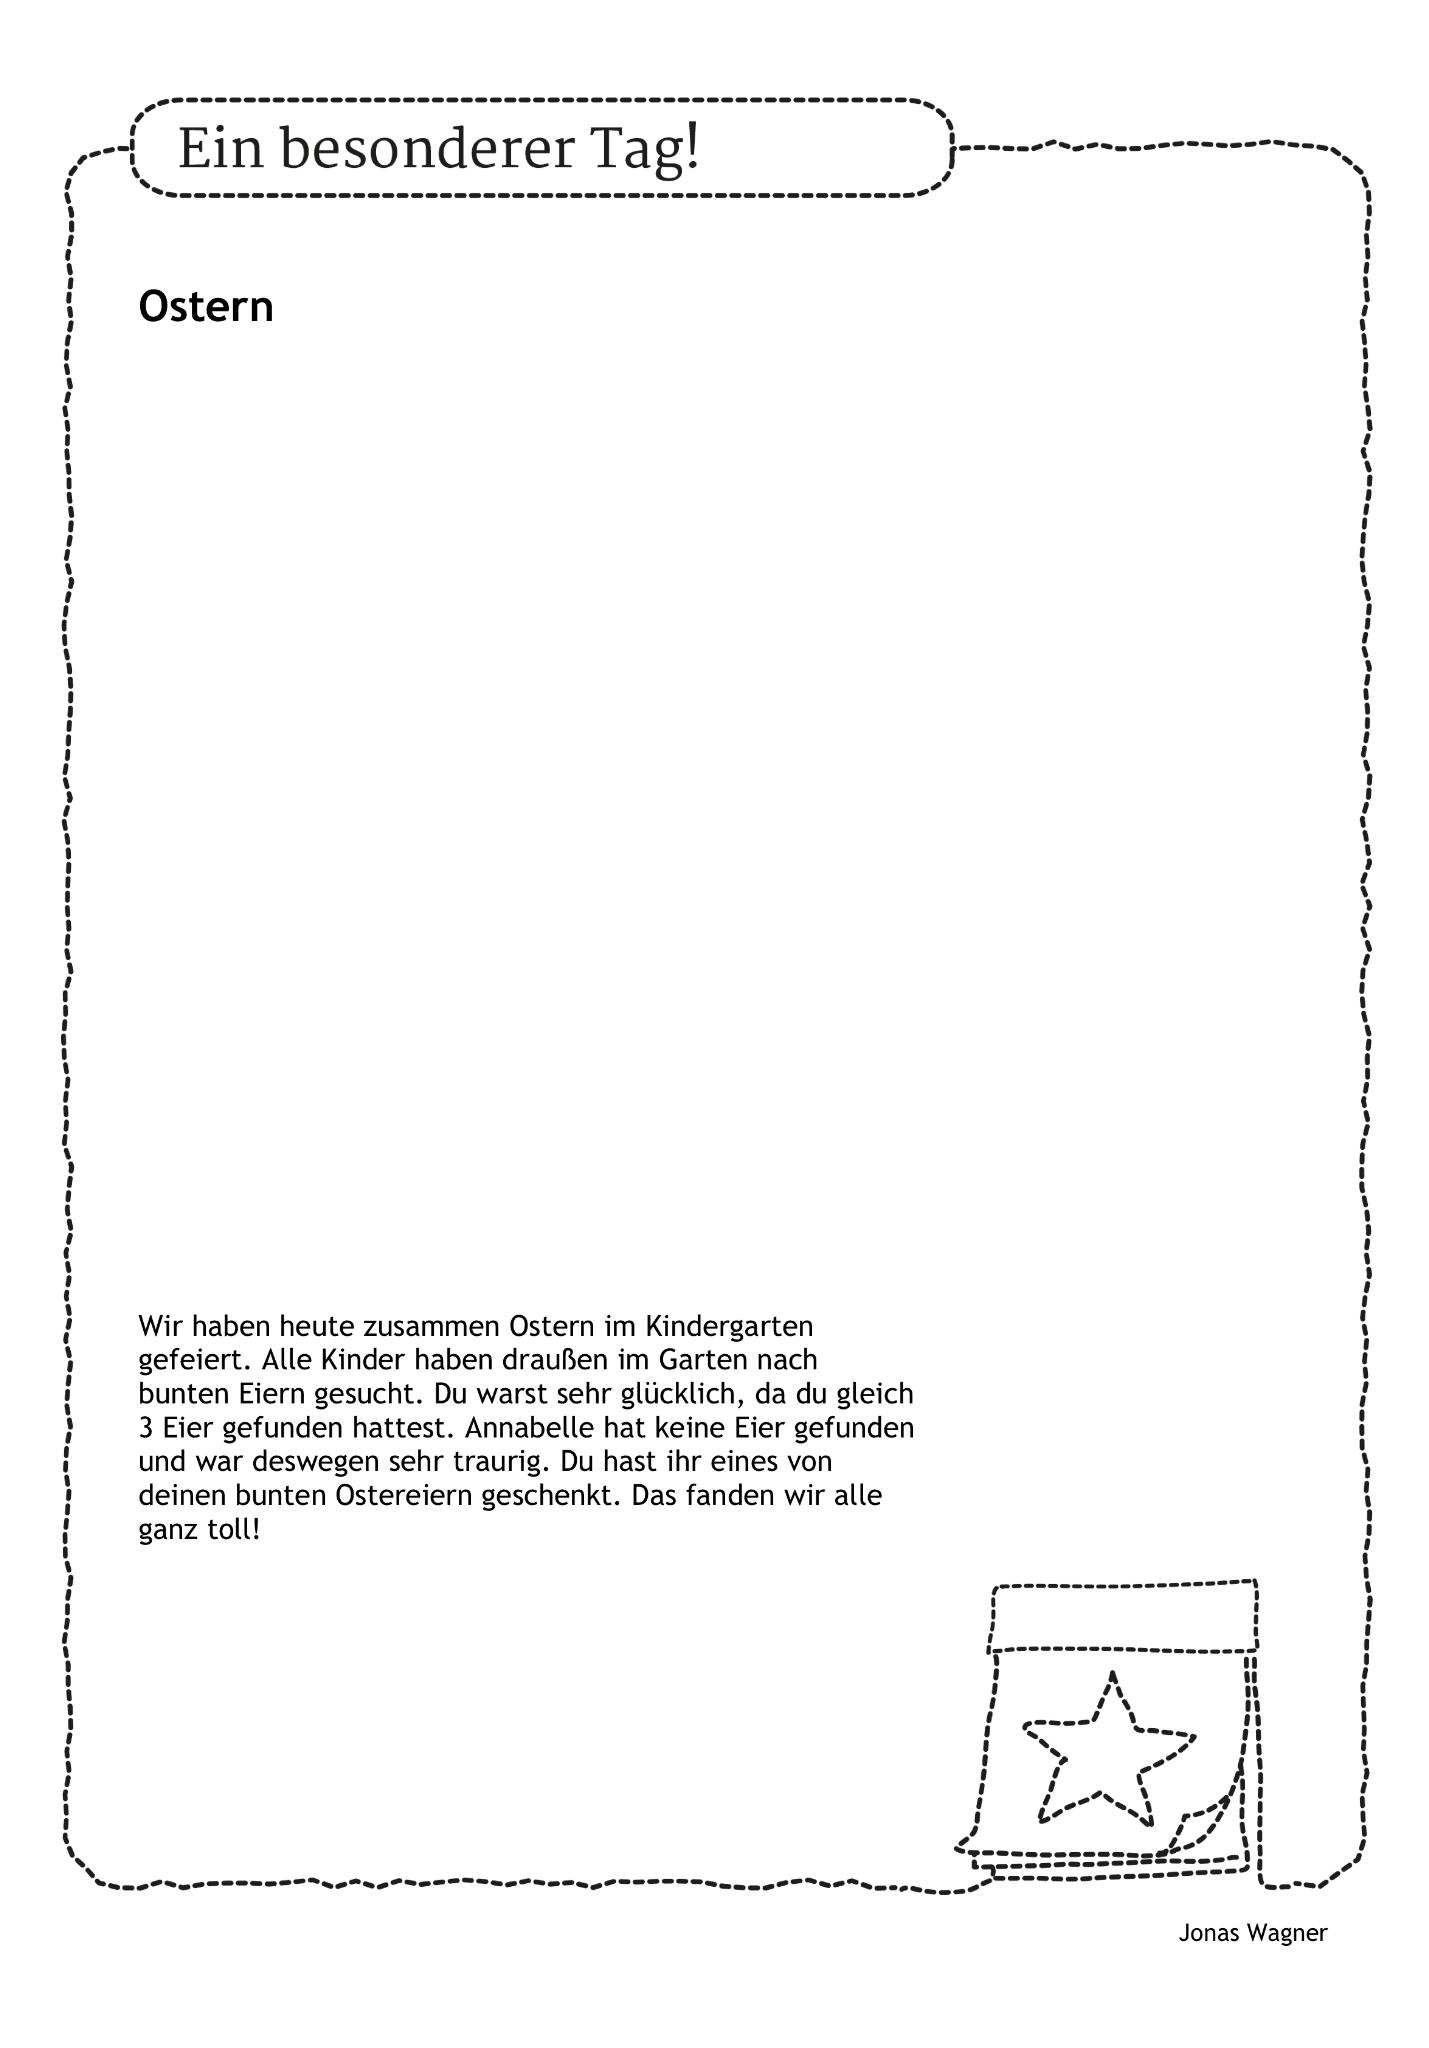 Kita Lerntagebuch Vorschule Kita Lerntagebuch Vorschule Jahreszeiten In 2020 Lernen Fit Fur Die Schule Vorschullieder